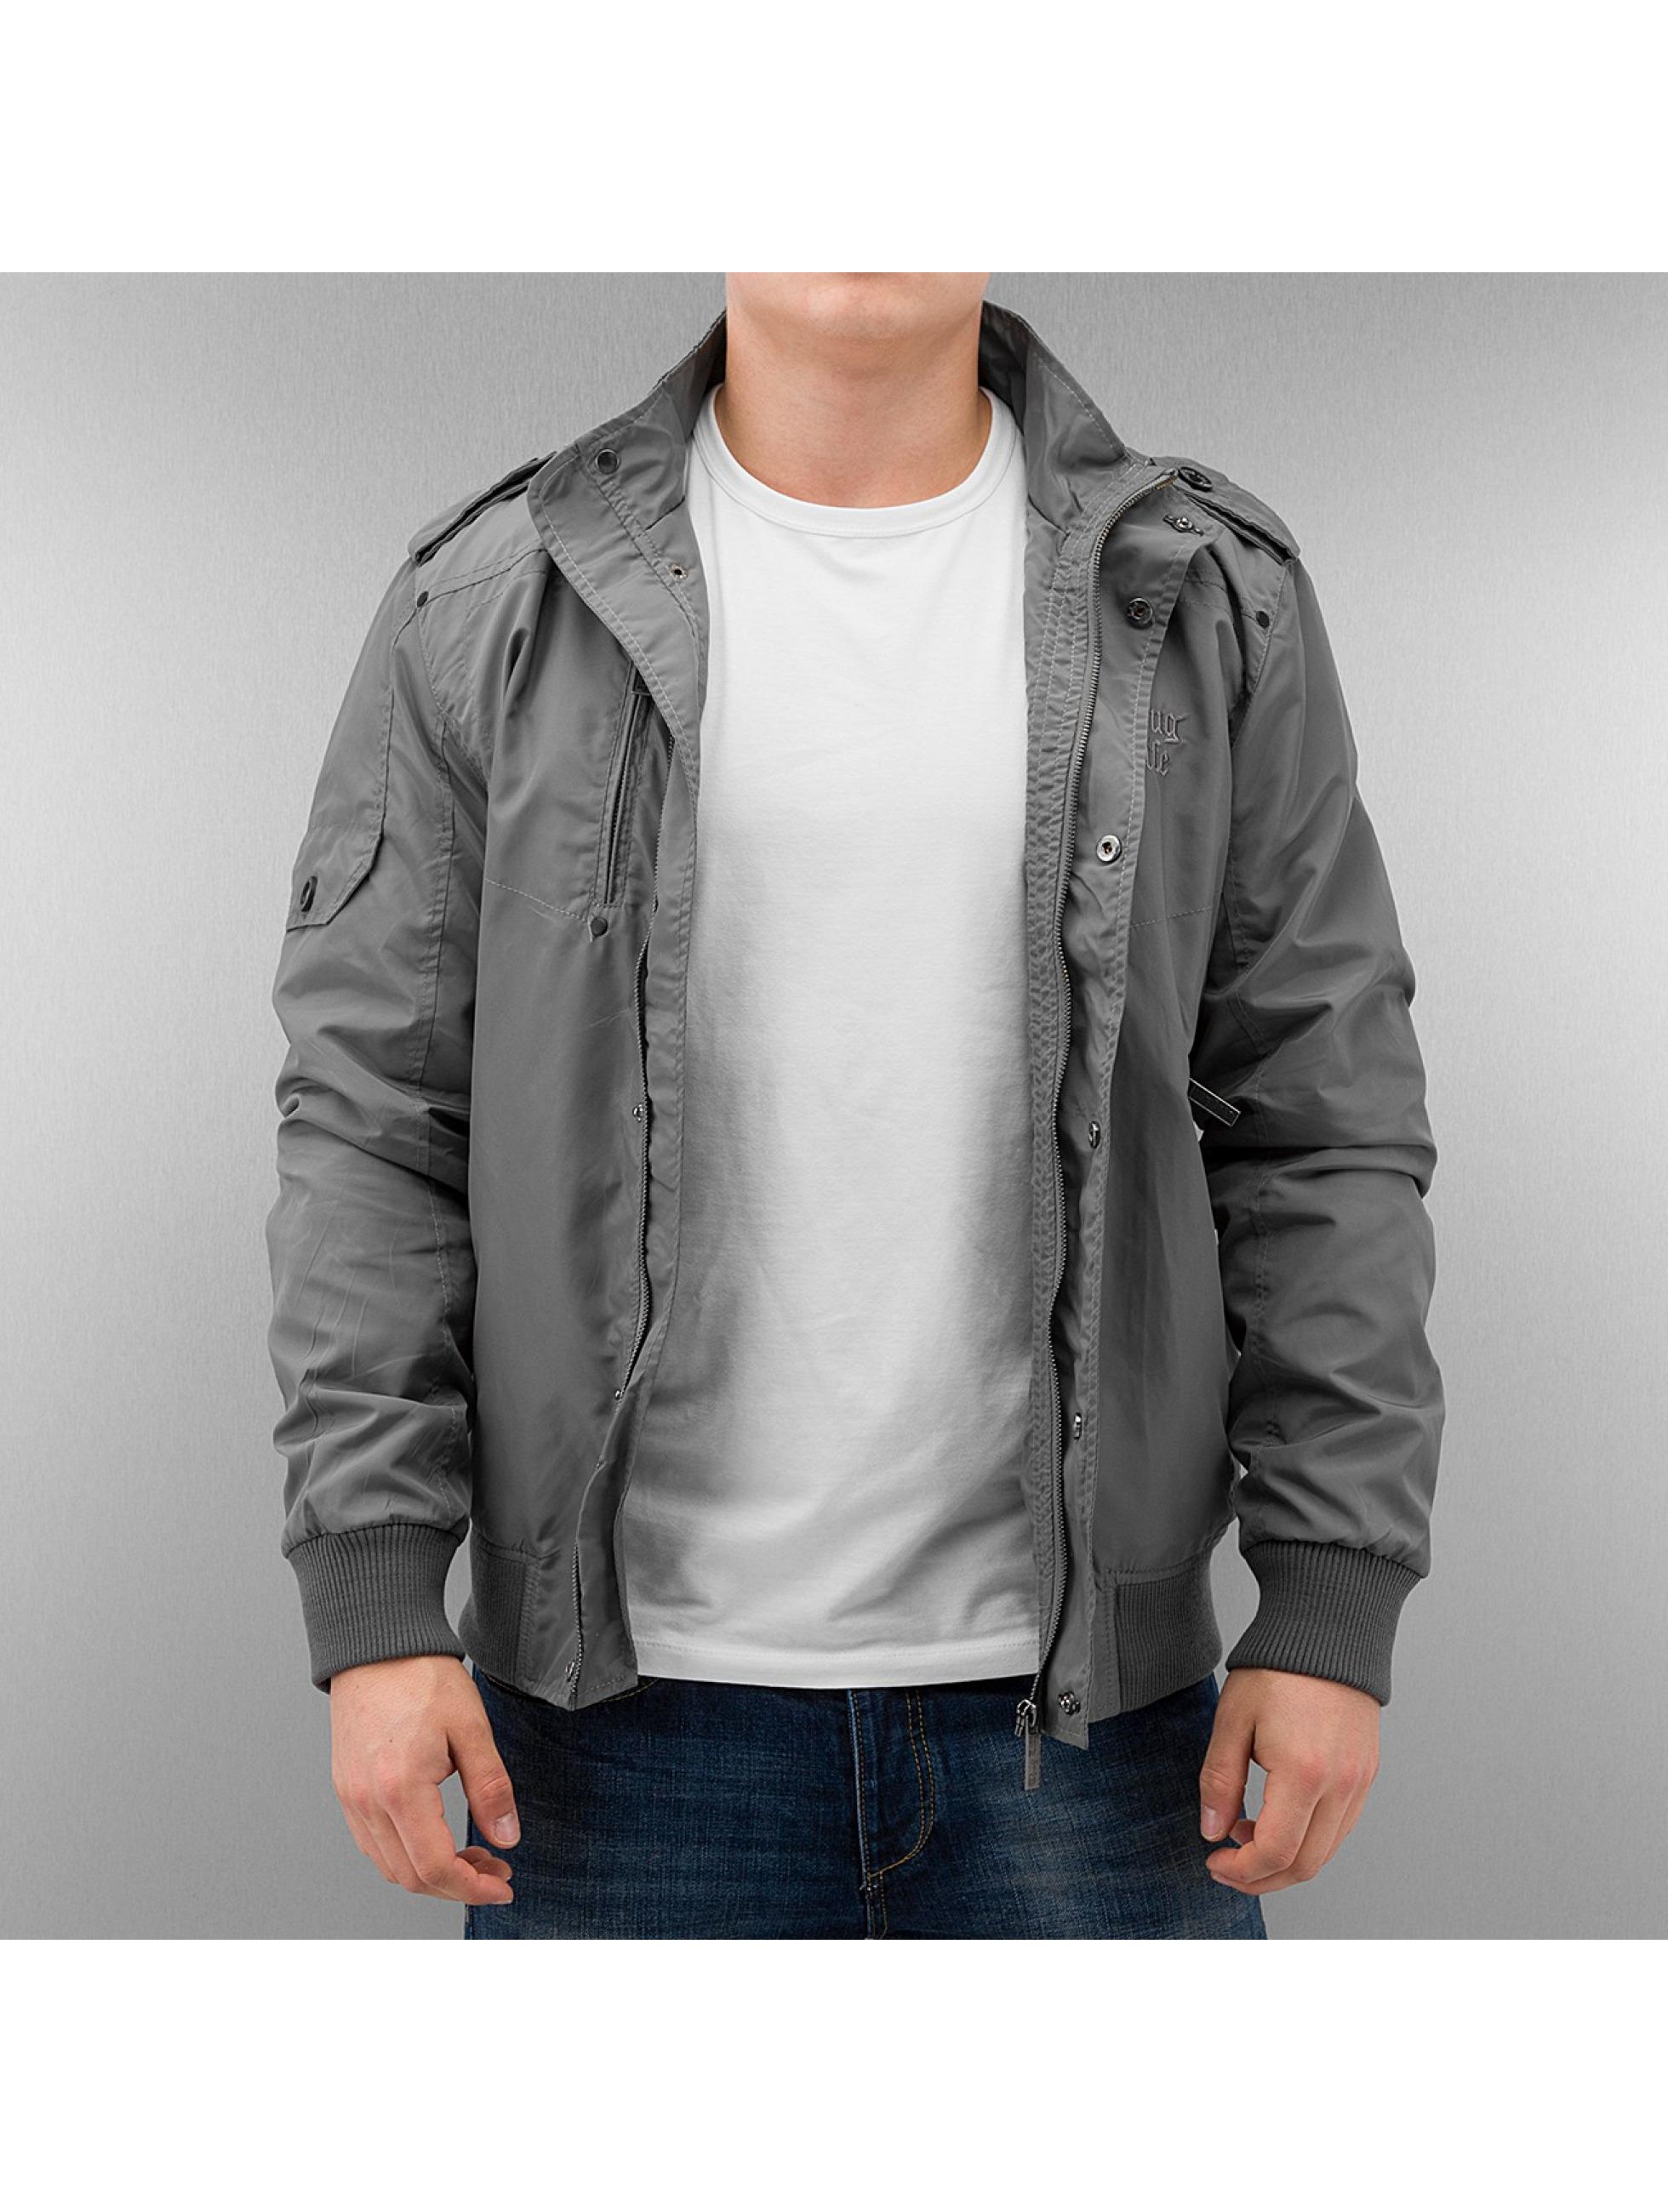 Thug Life Bomber Jacket Grey